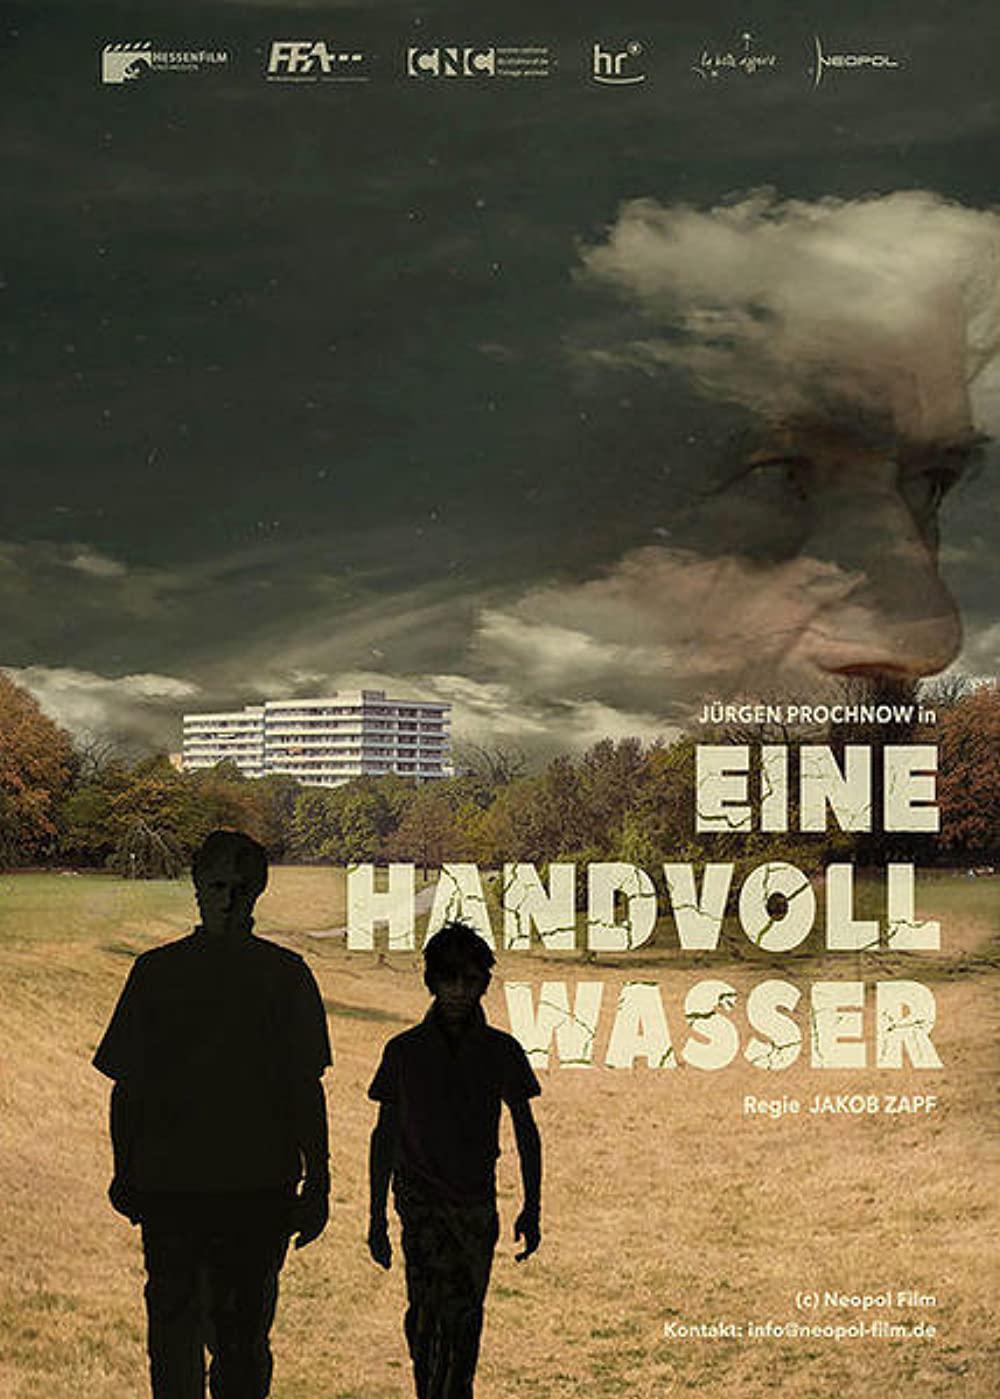 Handvol wasser poster